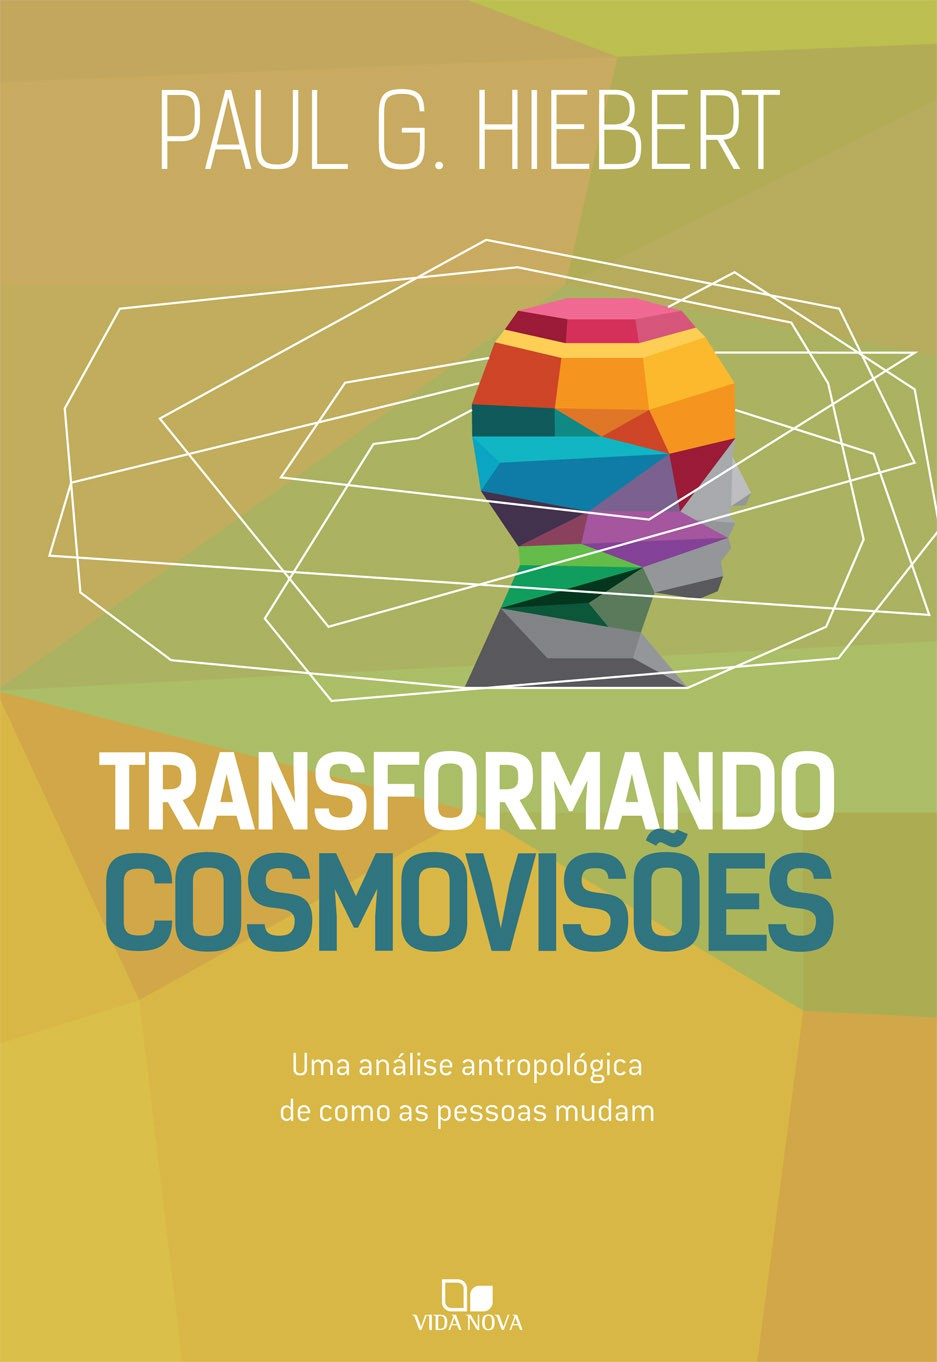 Transformando cosmovisões